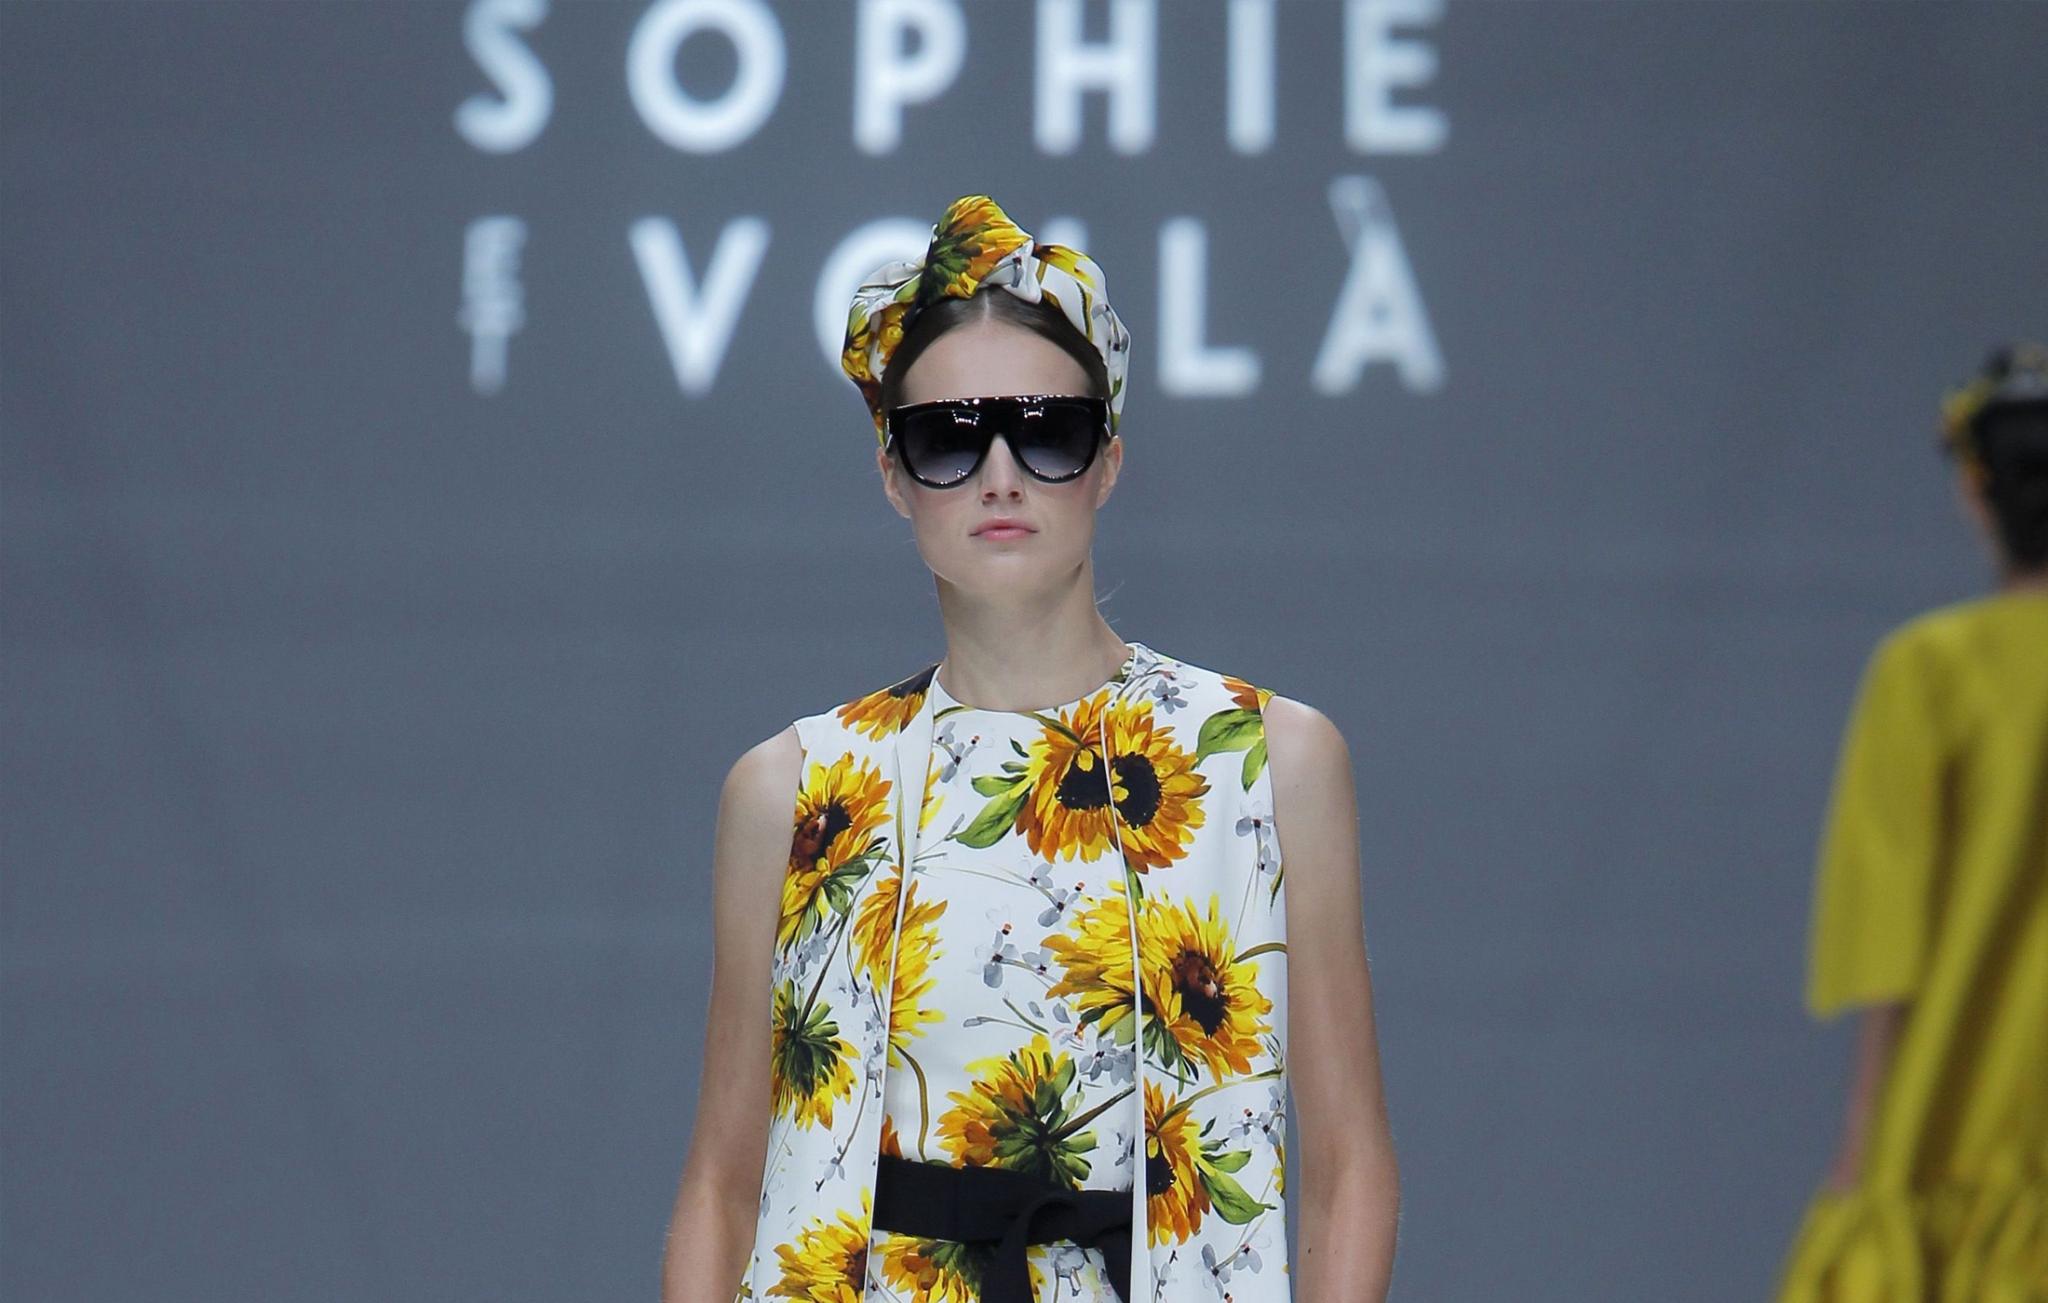 Sophie et Voilà – 2019